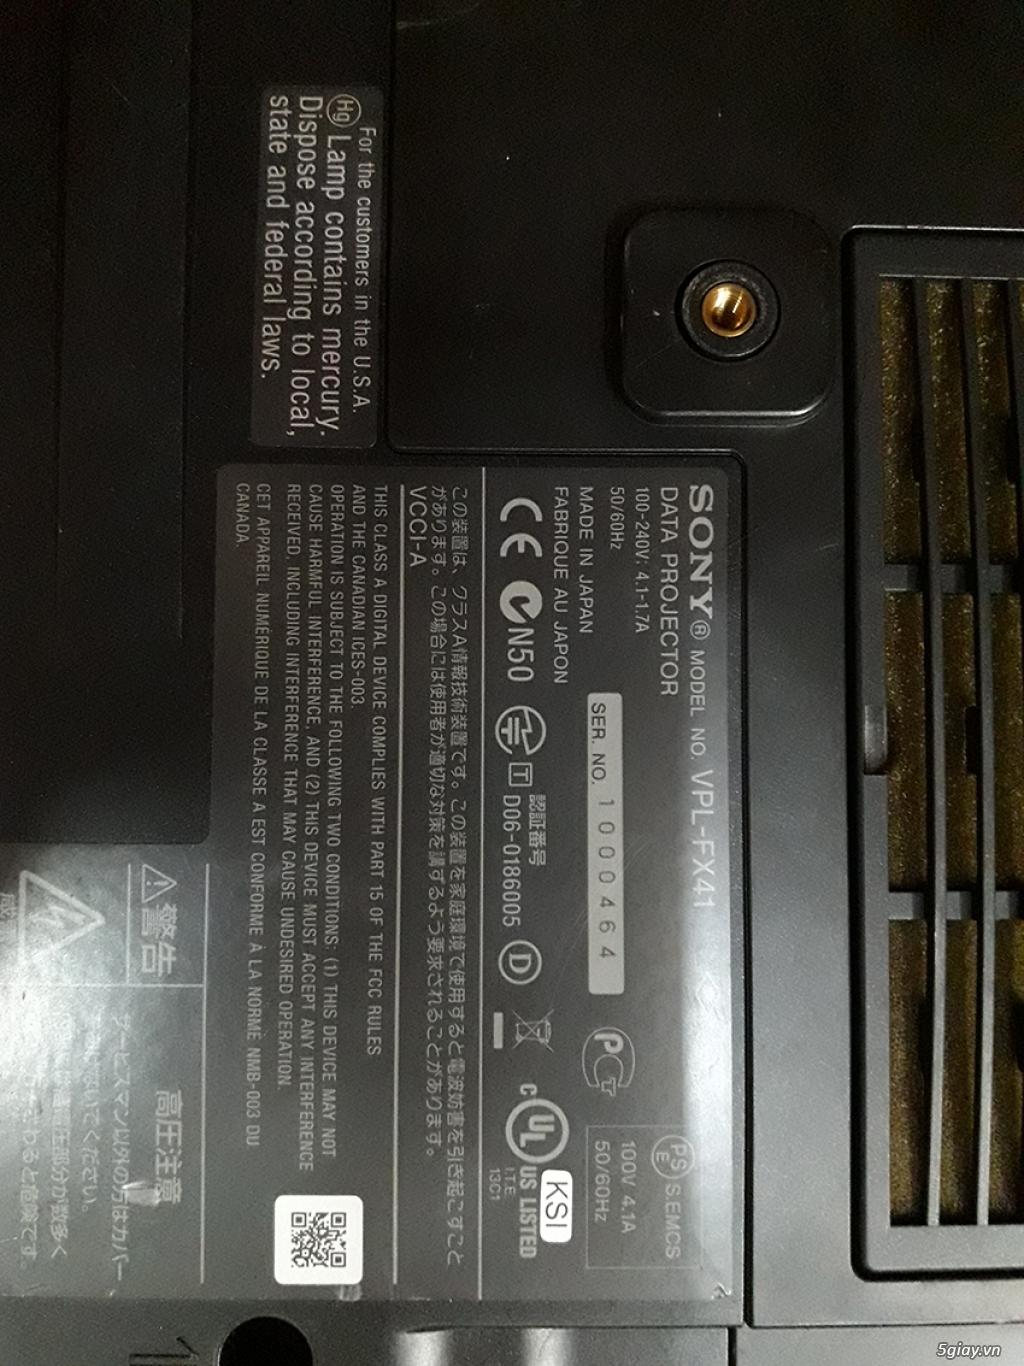 máy chiếu đình đám 1 thời sony vpl-fx41 - 1